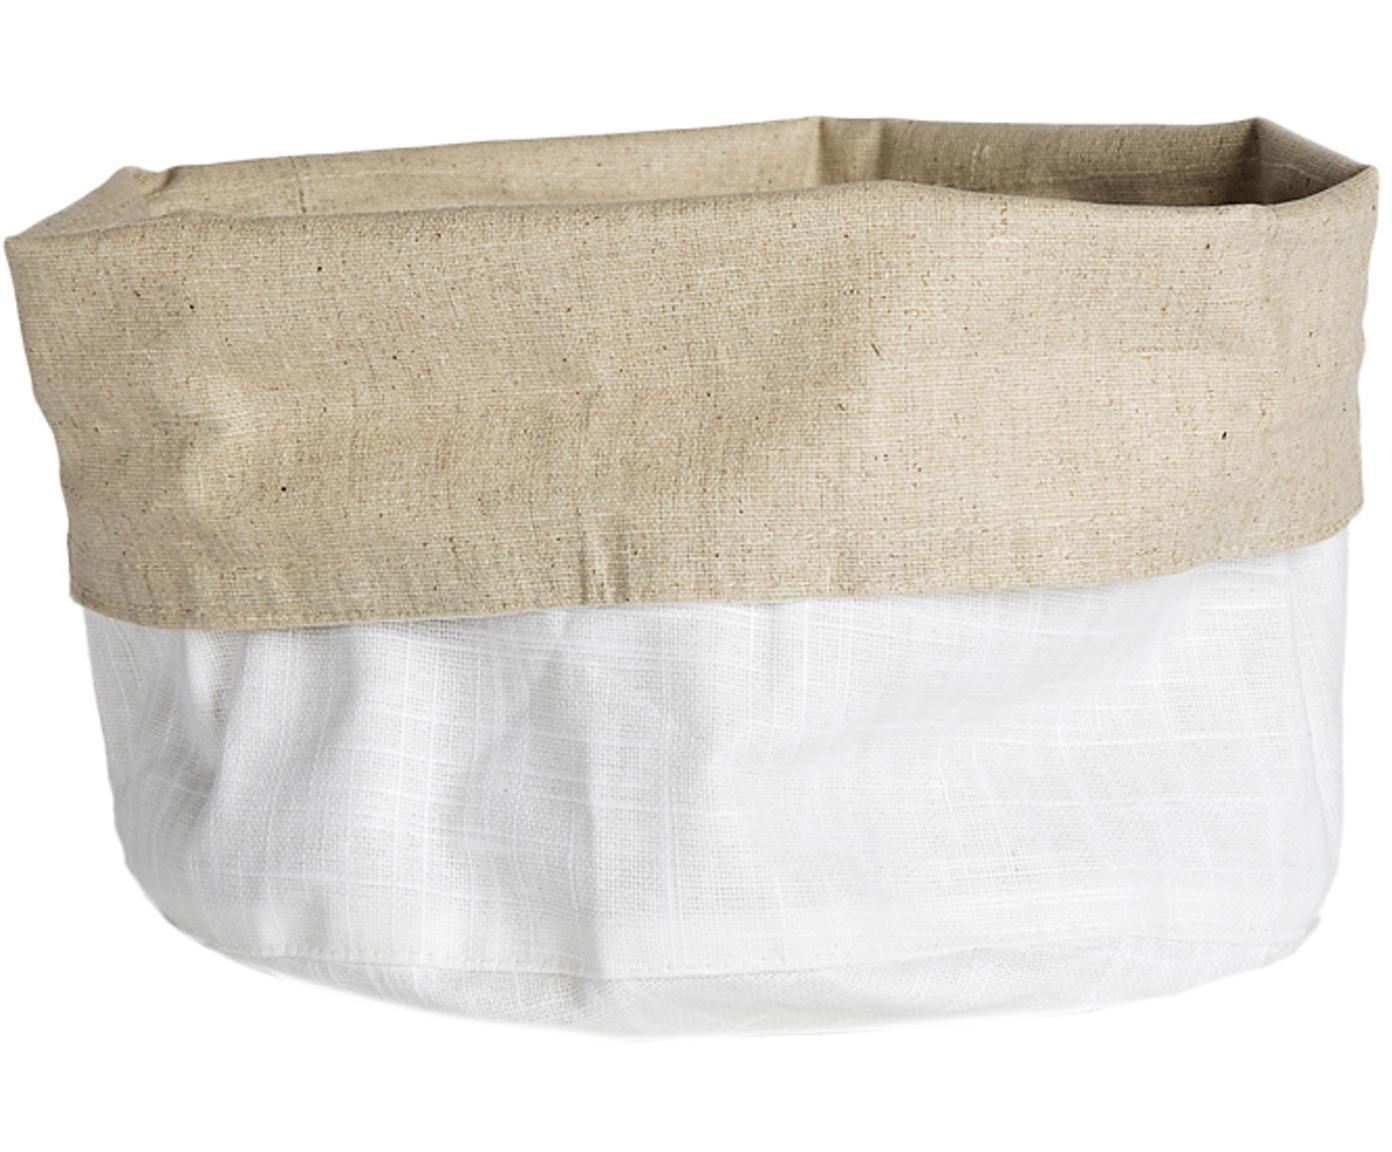 Panera pequeña de lino Patinn, 55%lino, 45%algodón, recubierto en poliuretano, Blanco, beige, Ø 16 x Al 20 cm